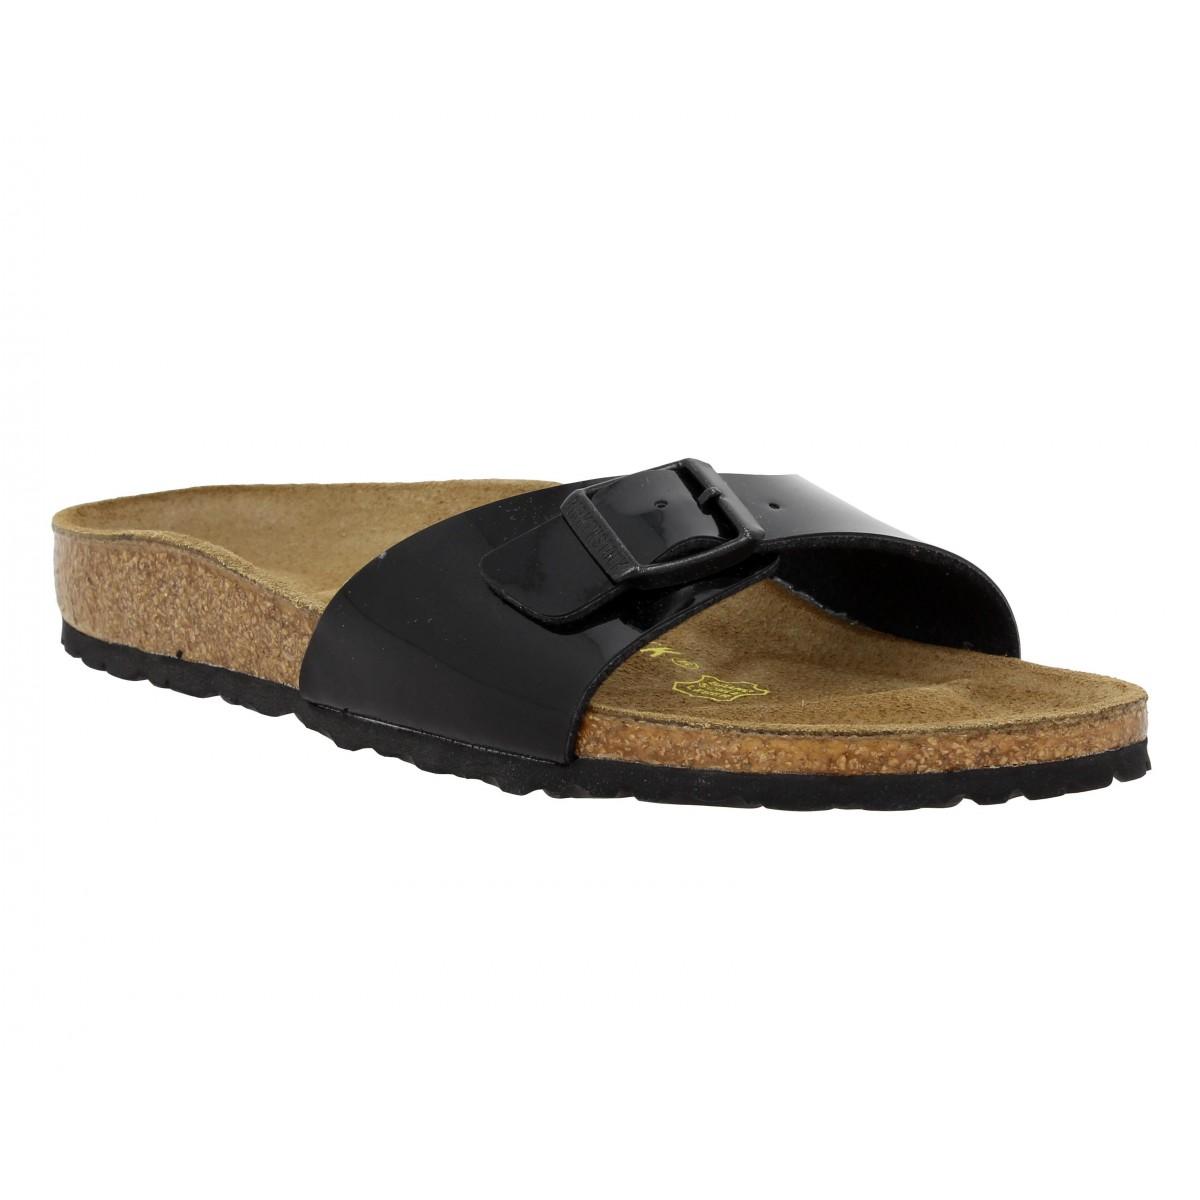 d couvrez vite les chaussures birkenstock pour homme et femme blog fanny chaussures. Black Bedroom Furniture Sets. Home Design Ideas